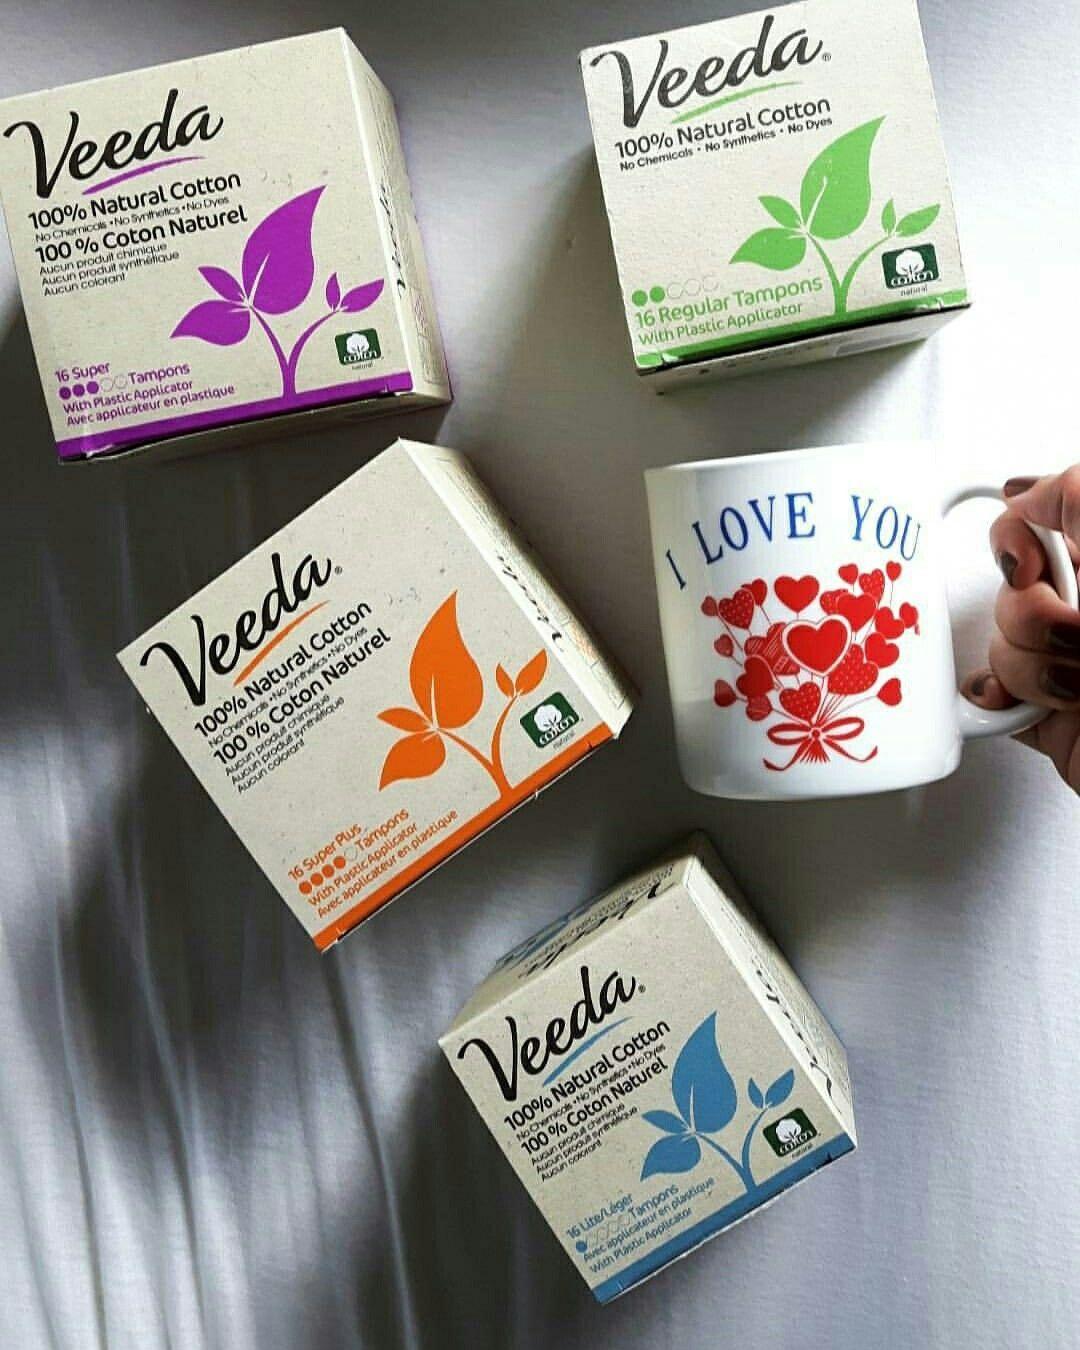 Hypoallergenic, biodegradable, non-GMO and chem-free Veeda